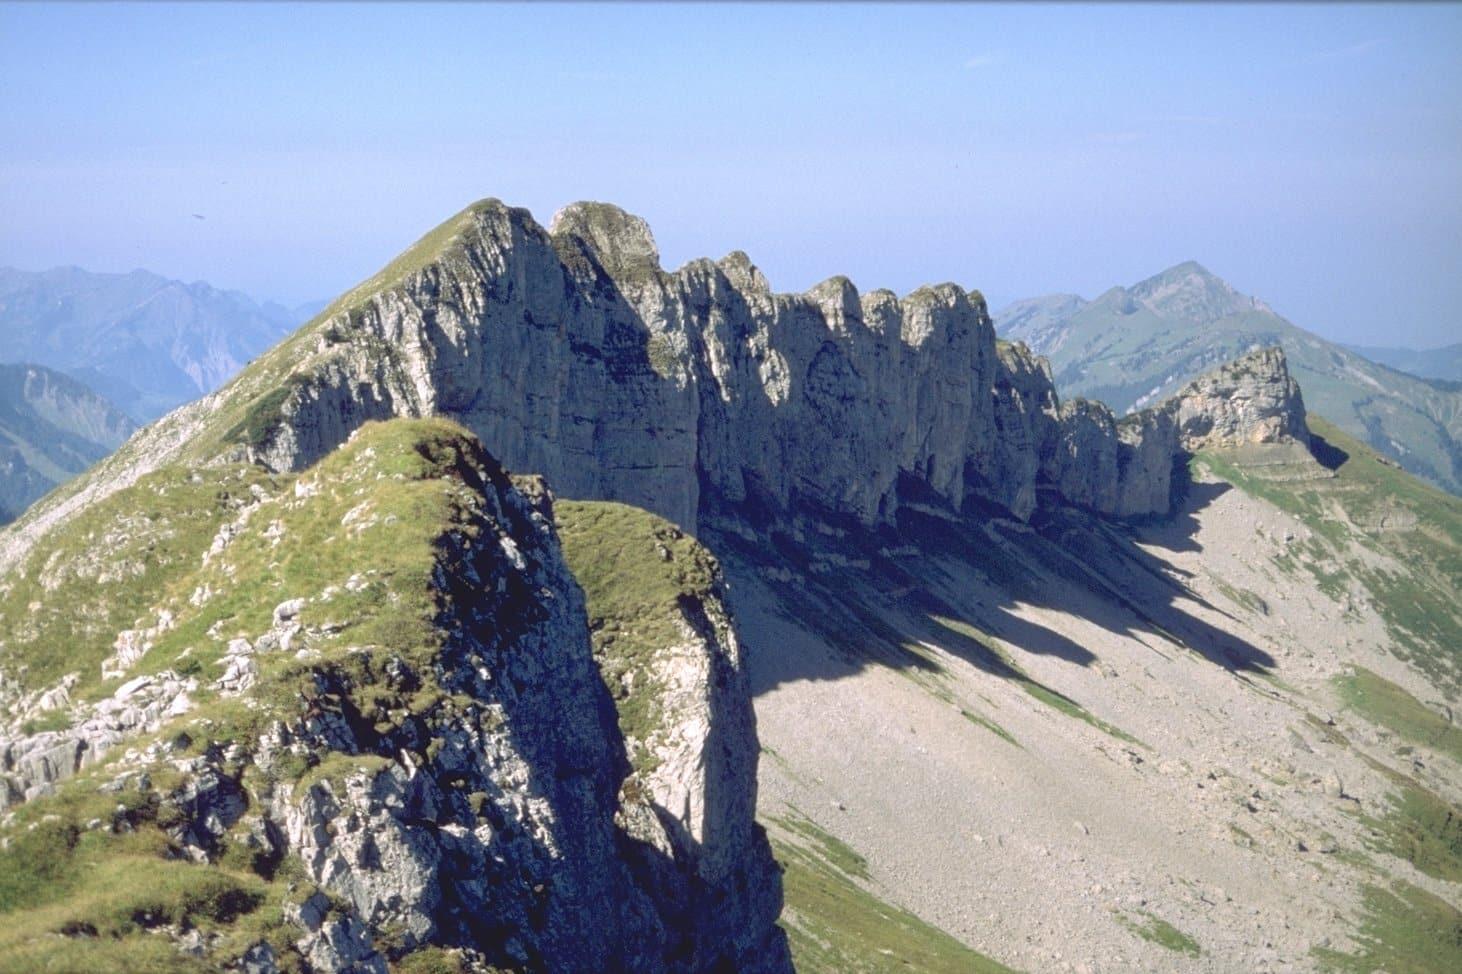 4-day hike to the Gottesacker plateau